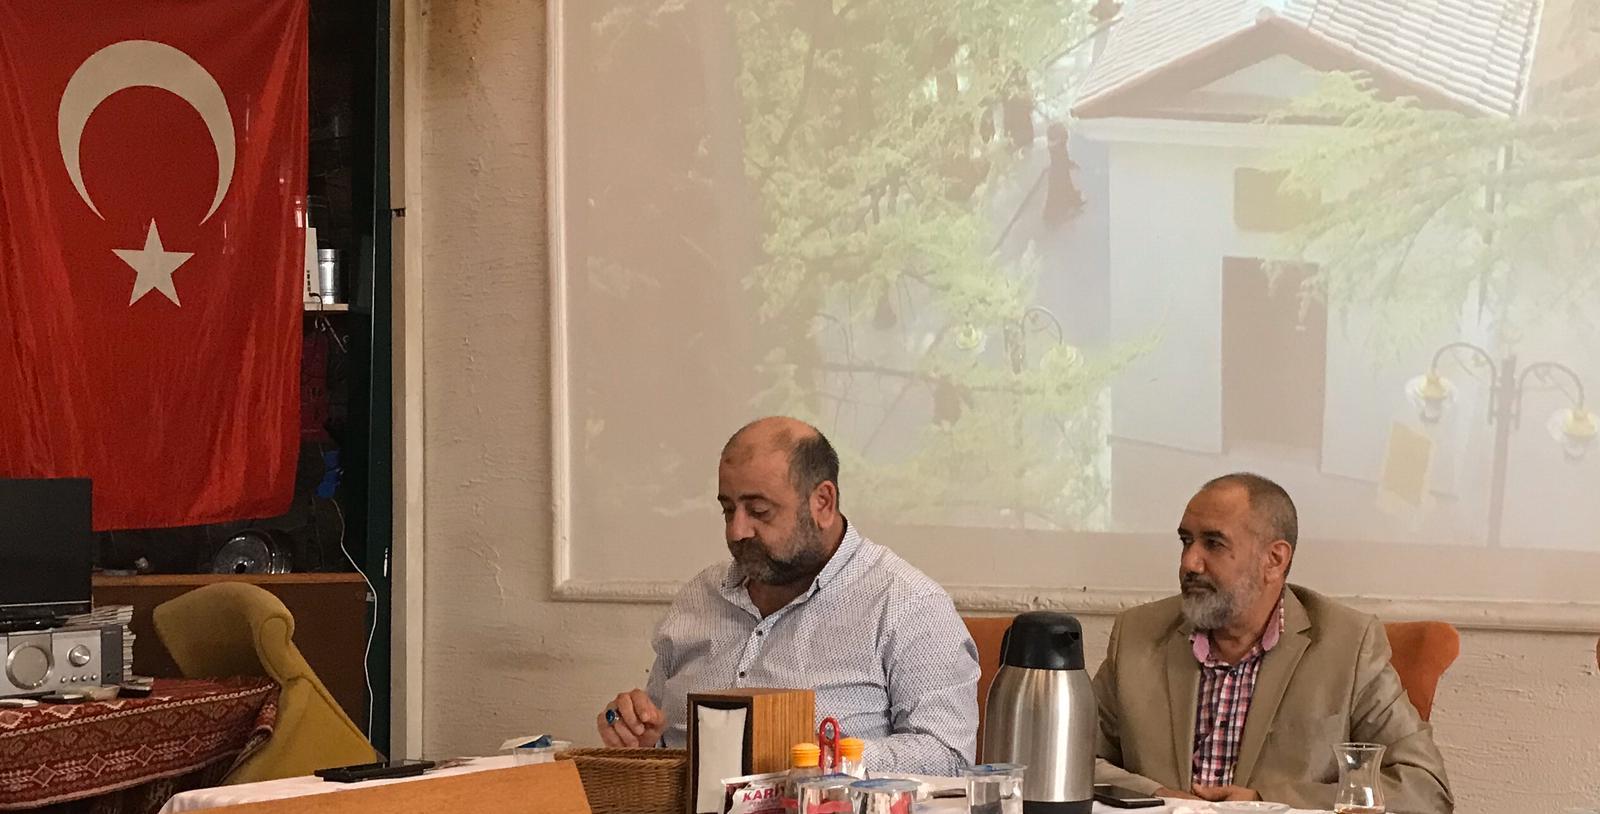 Cansuyu İstanbul İstişare Toplantısı Yapıldı - HABERLER - İKEV - İlim Kültür ve Eğitim Vakfı